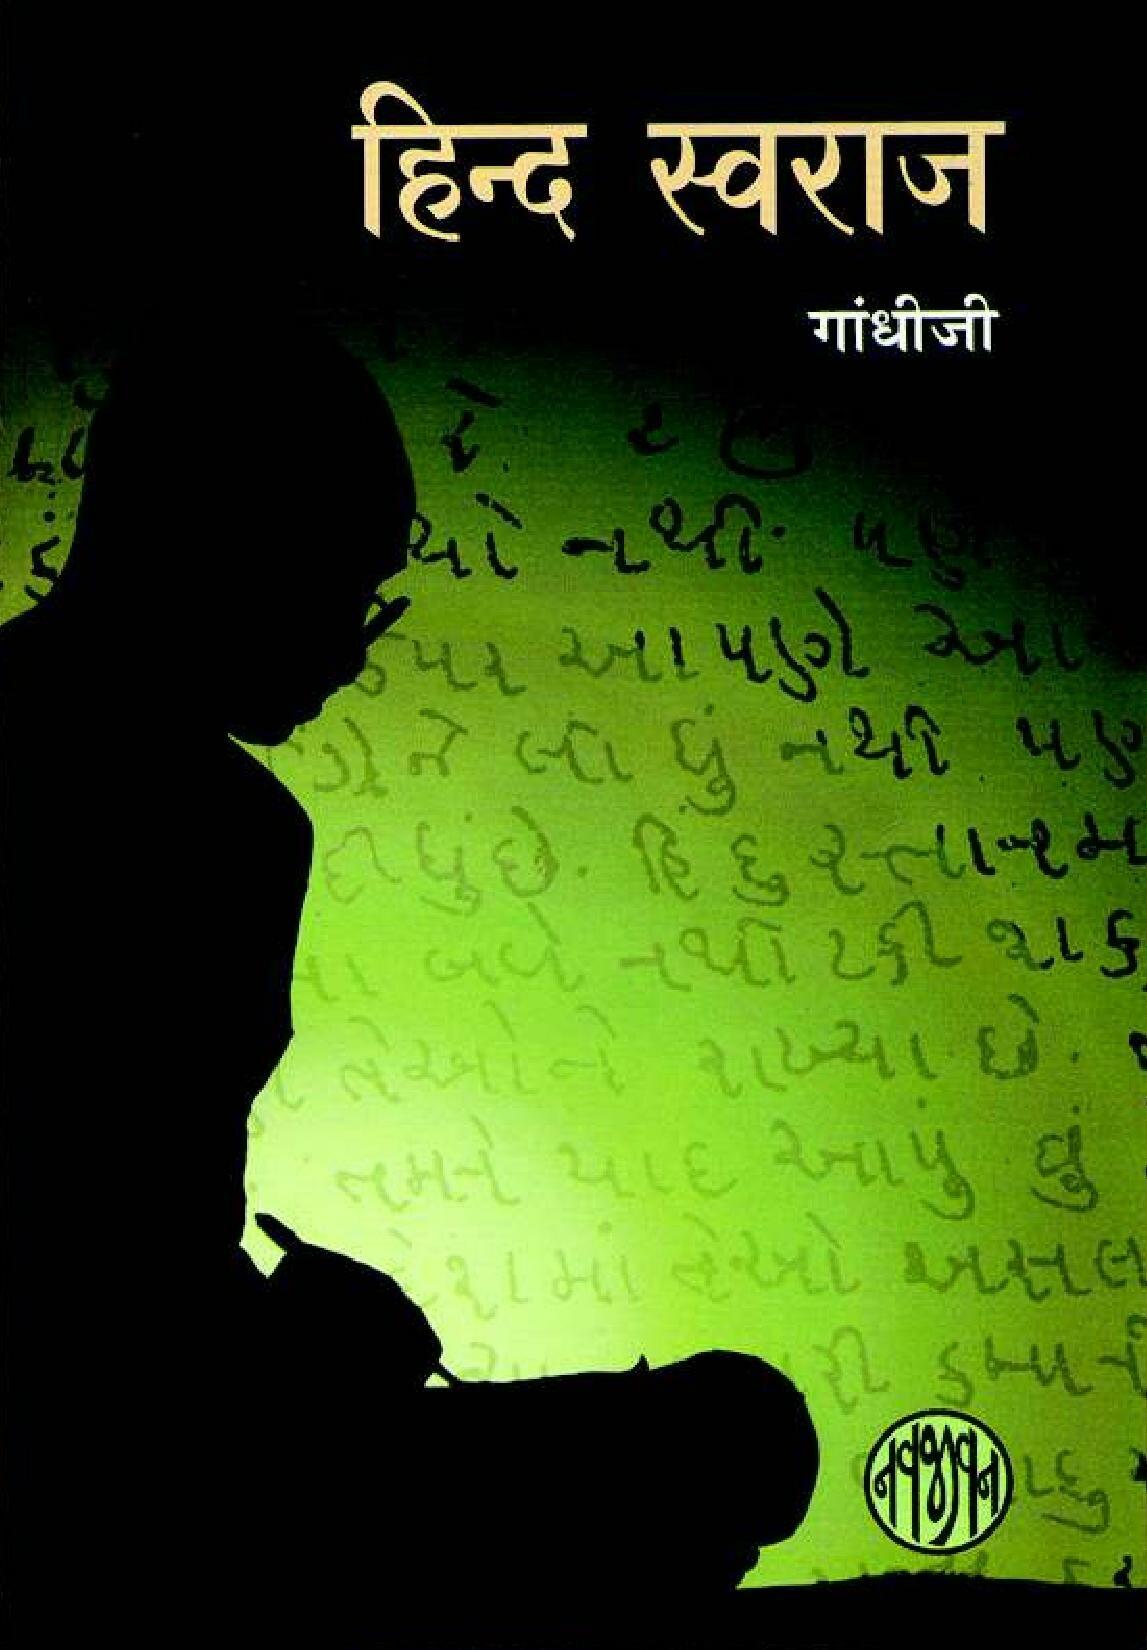 gandhi swaraj concept